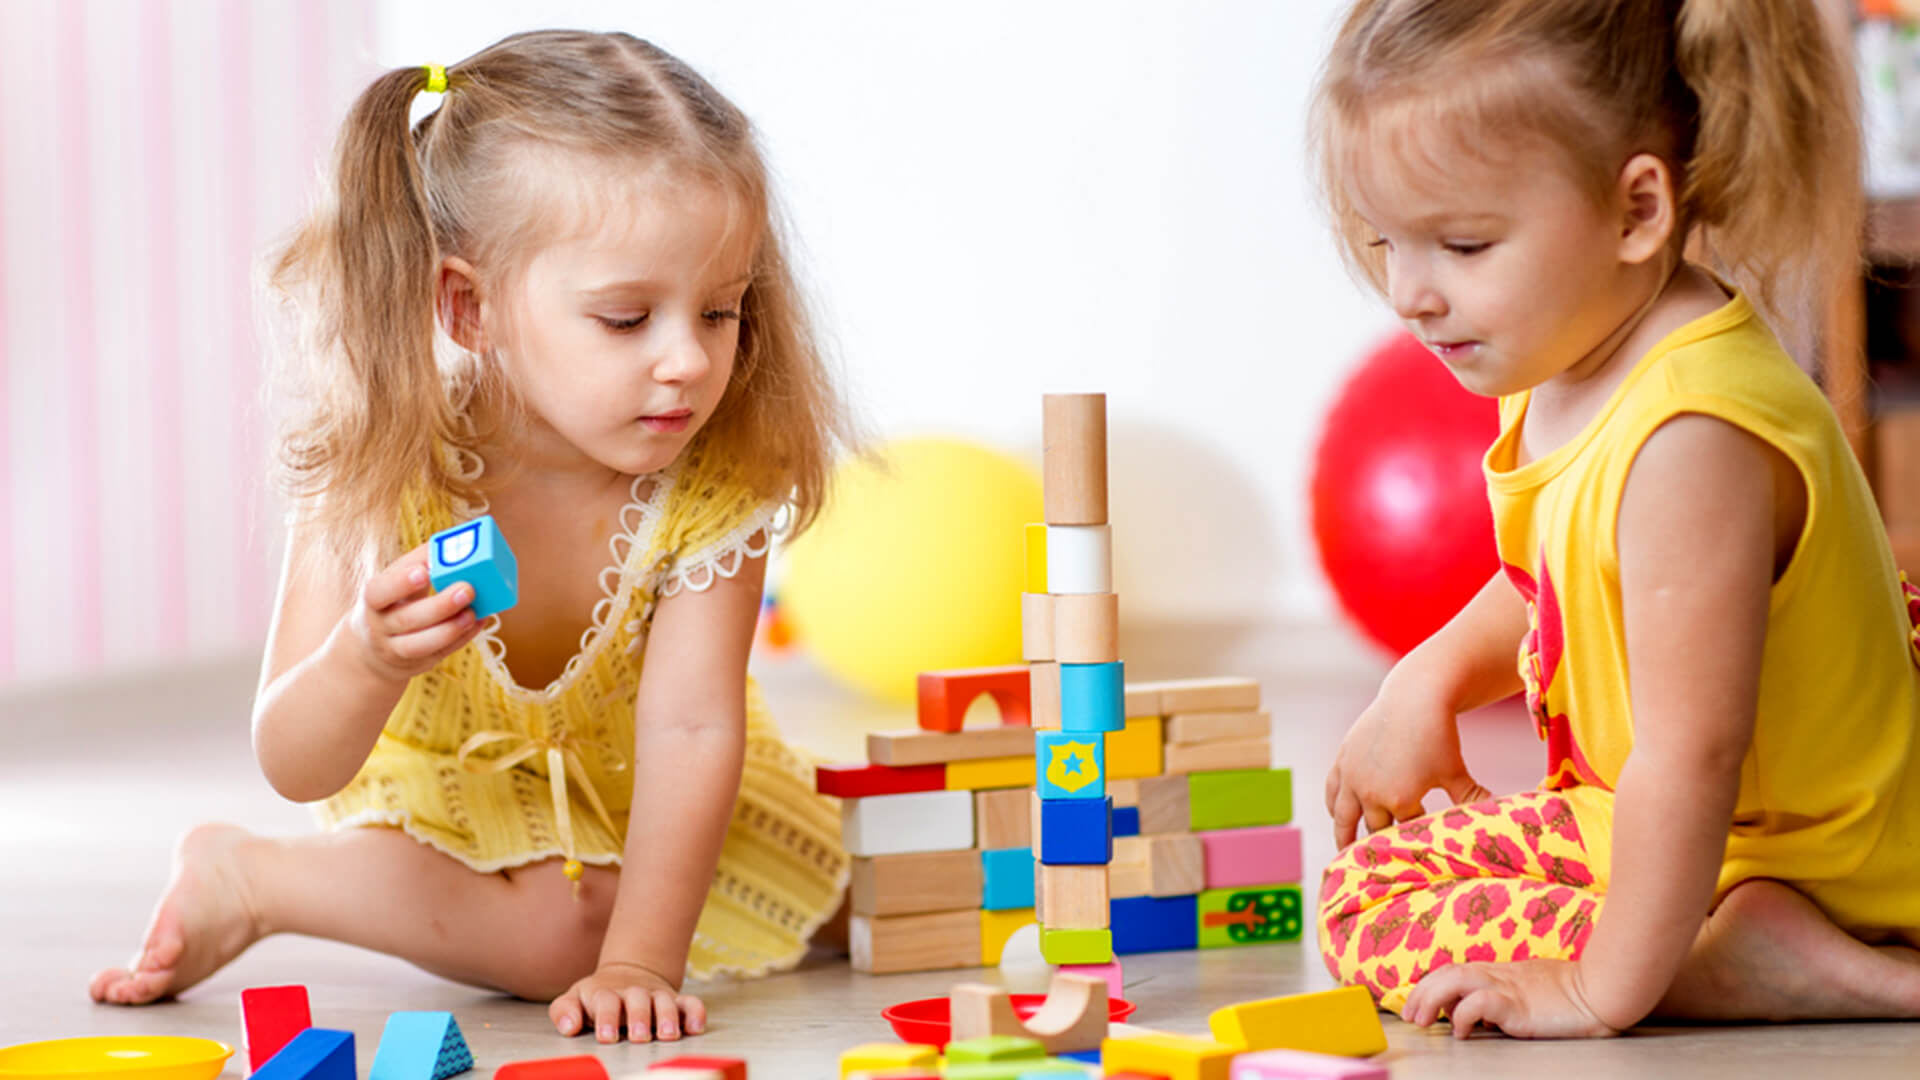 نکات مهم برای خرید اسباب بازی کودک سه سال